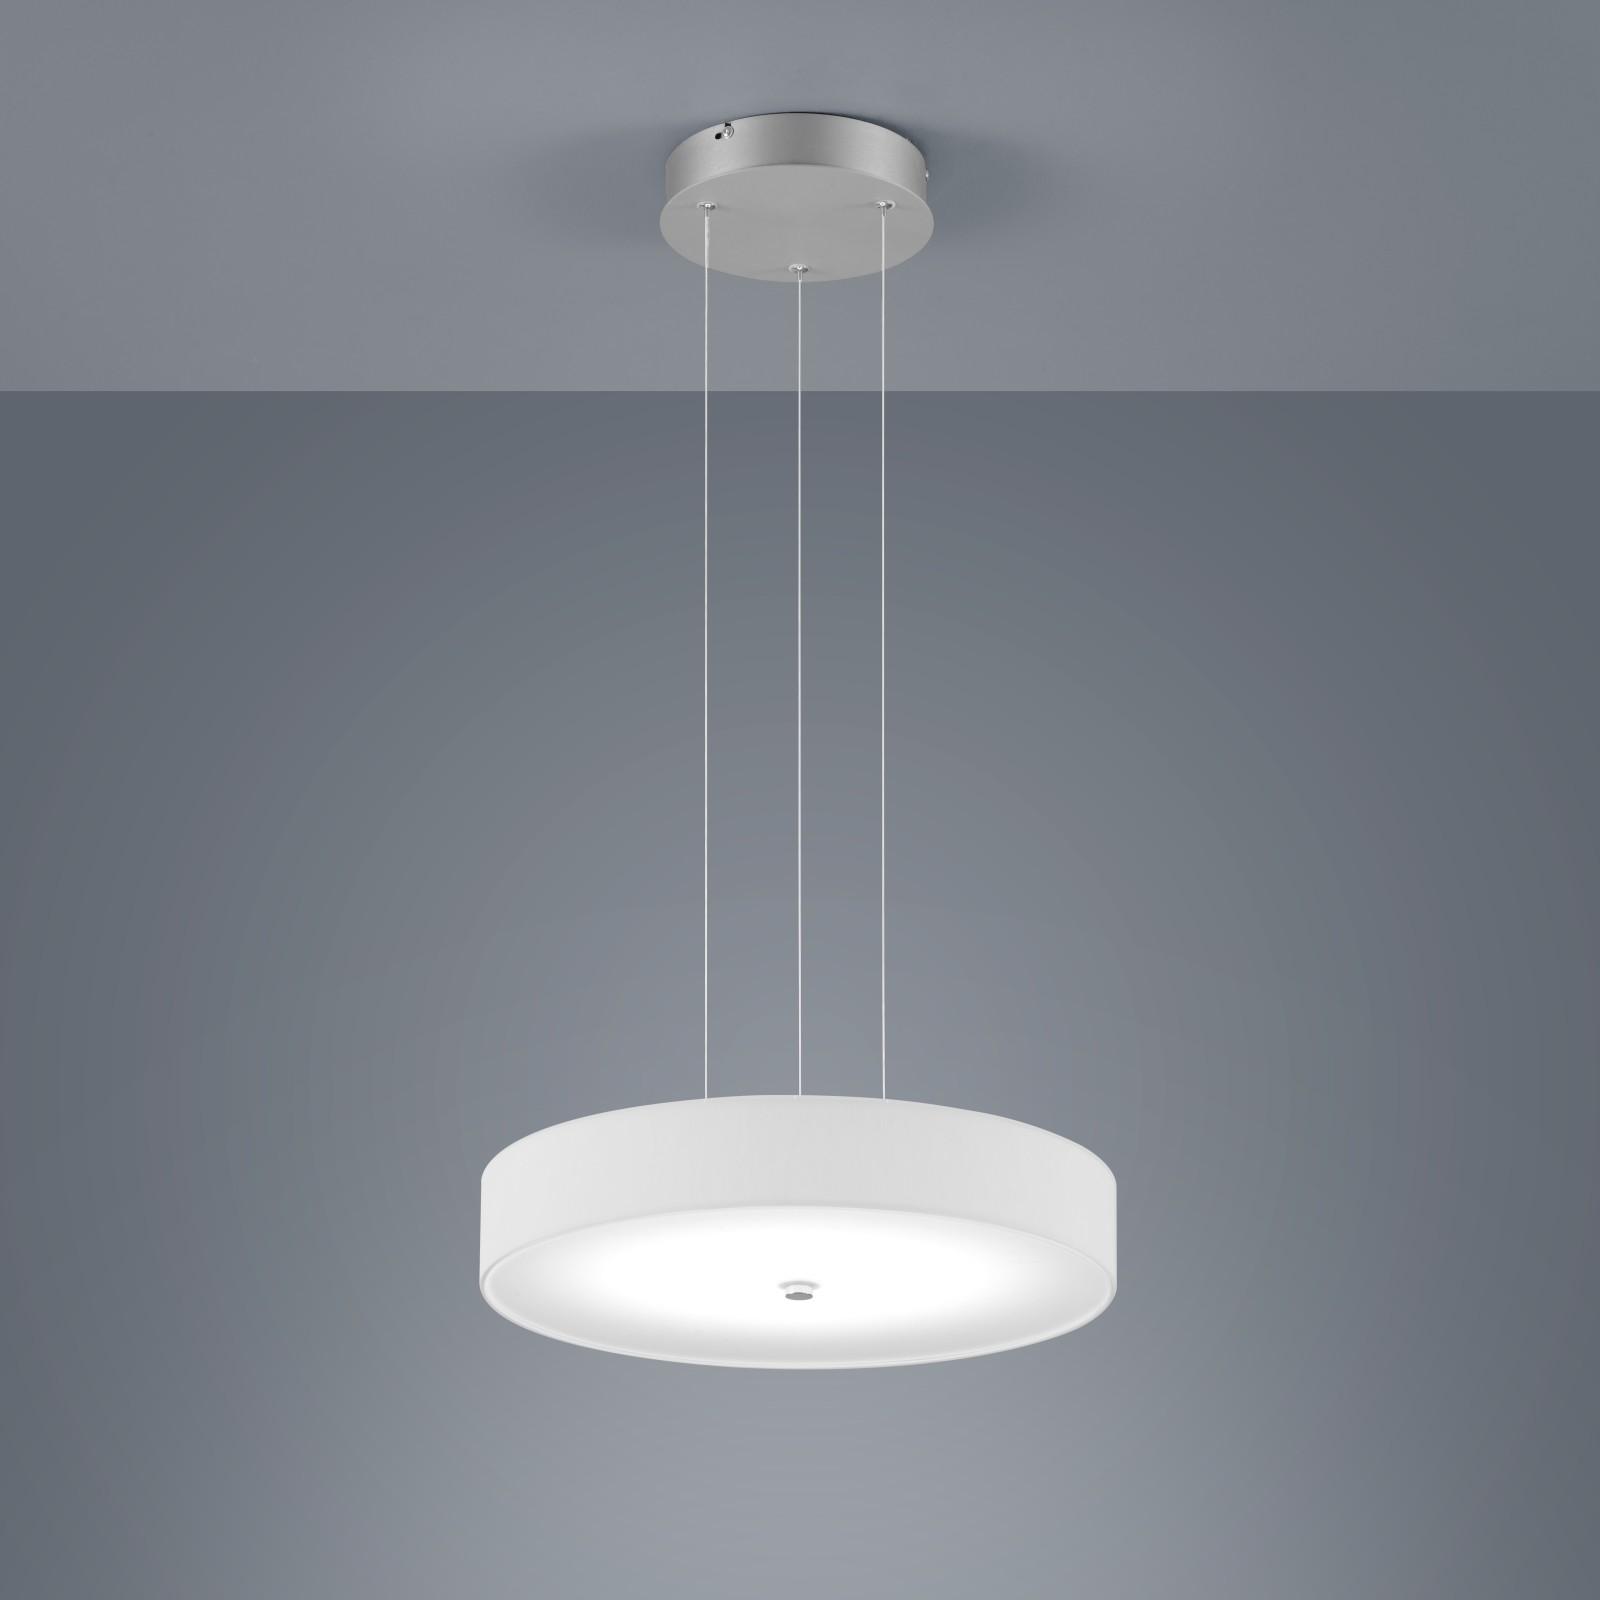 Bora Round Pendant Light White